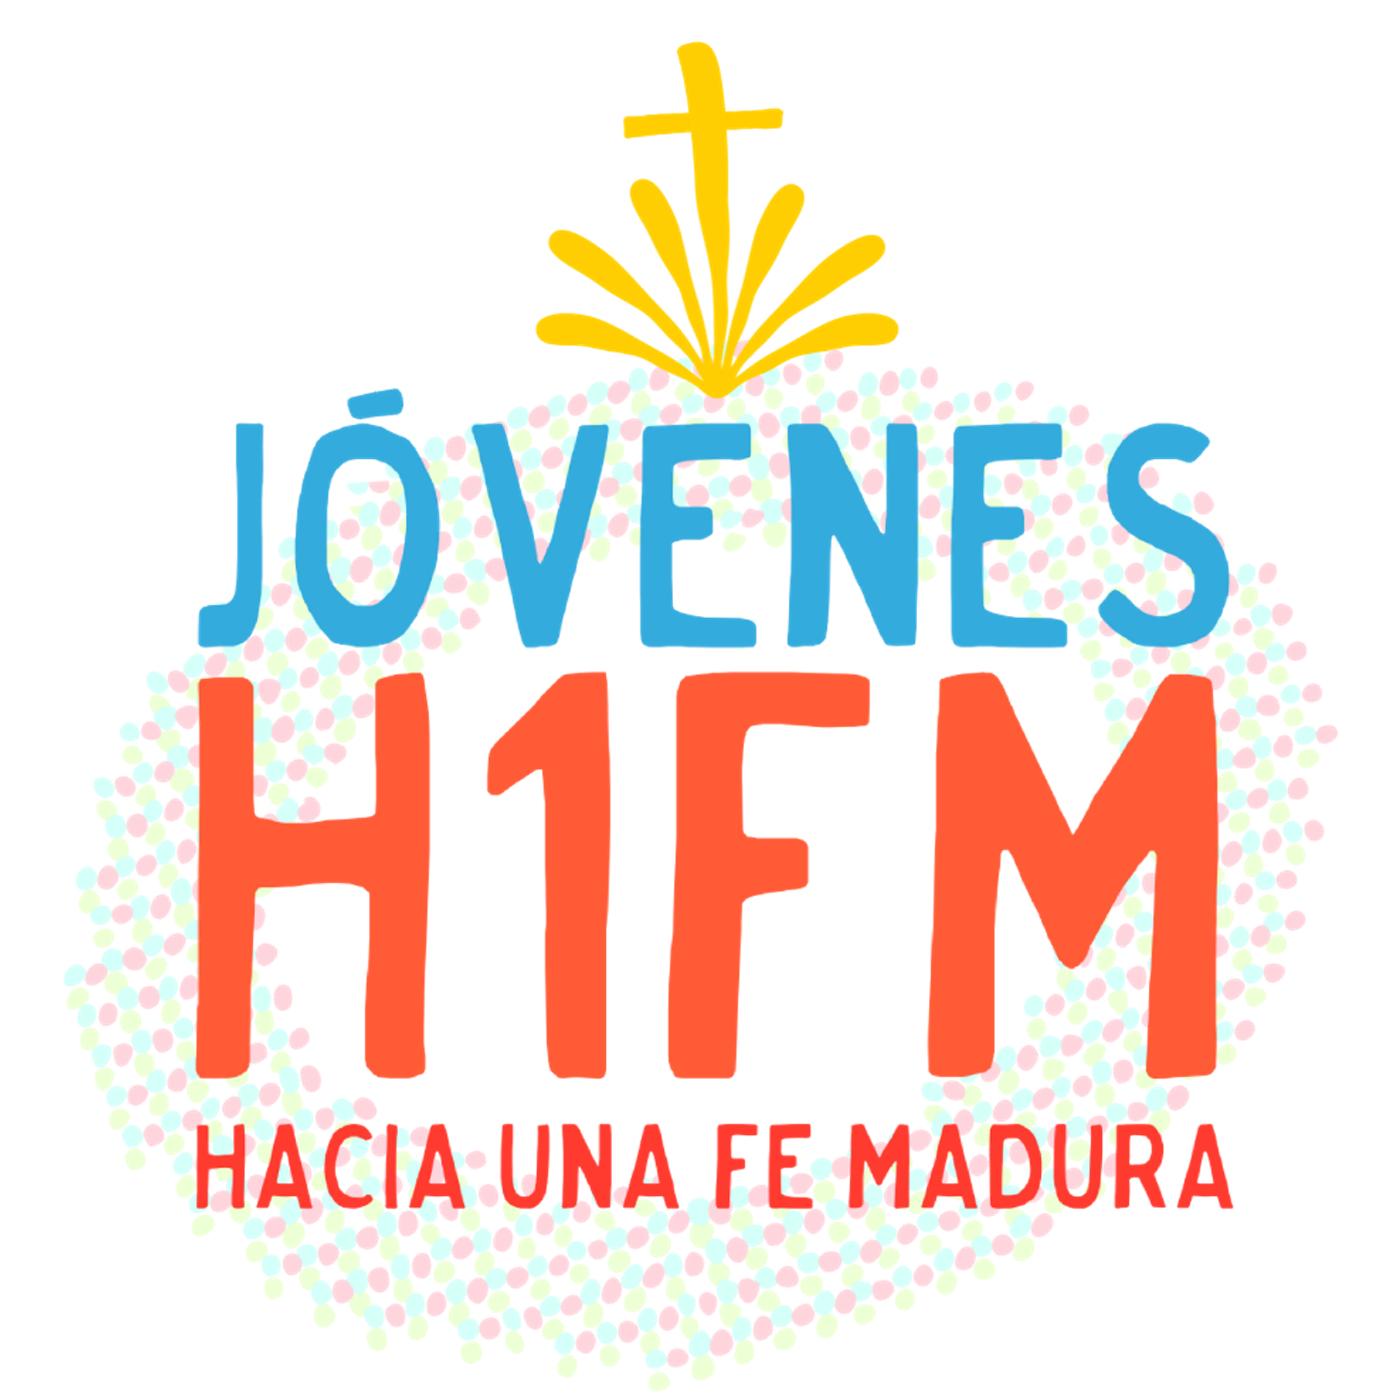 Jóvenes hacia una Fe Madura